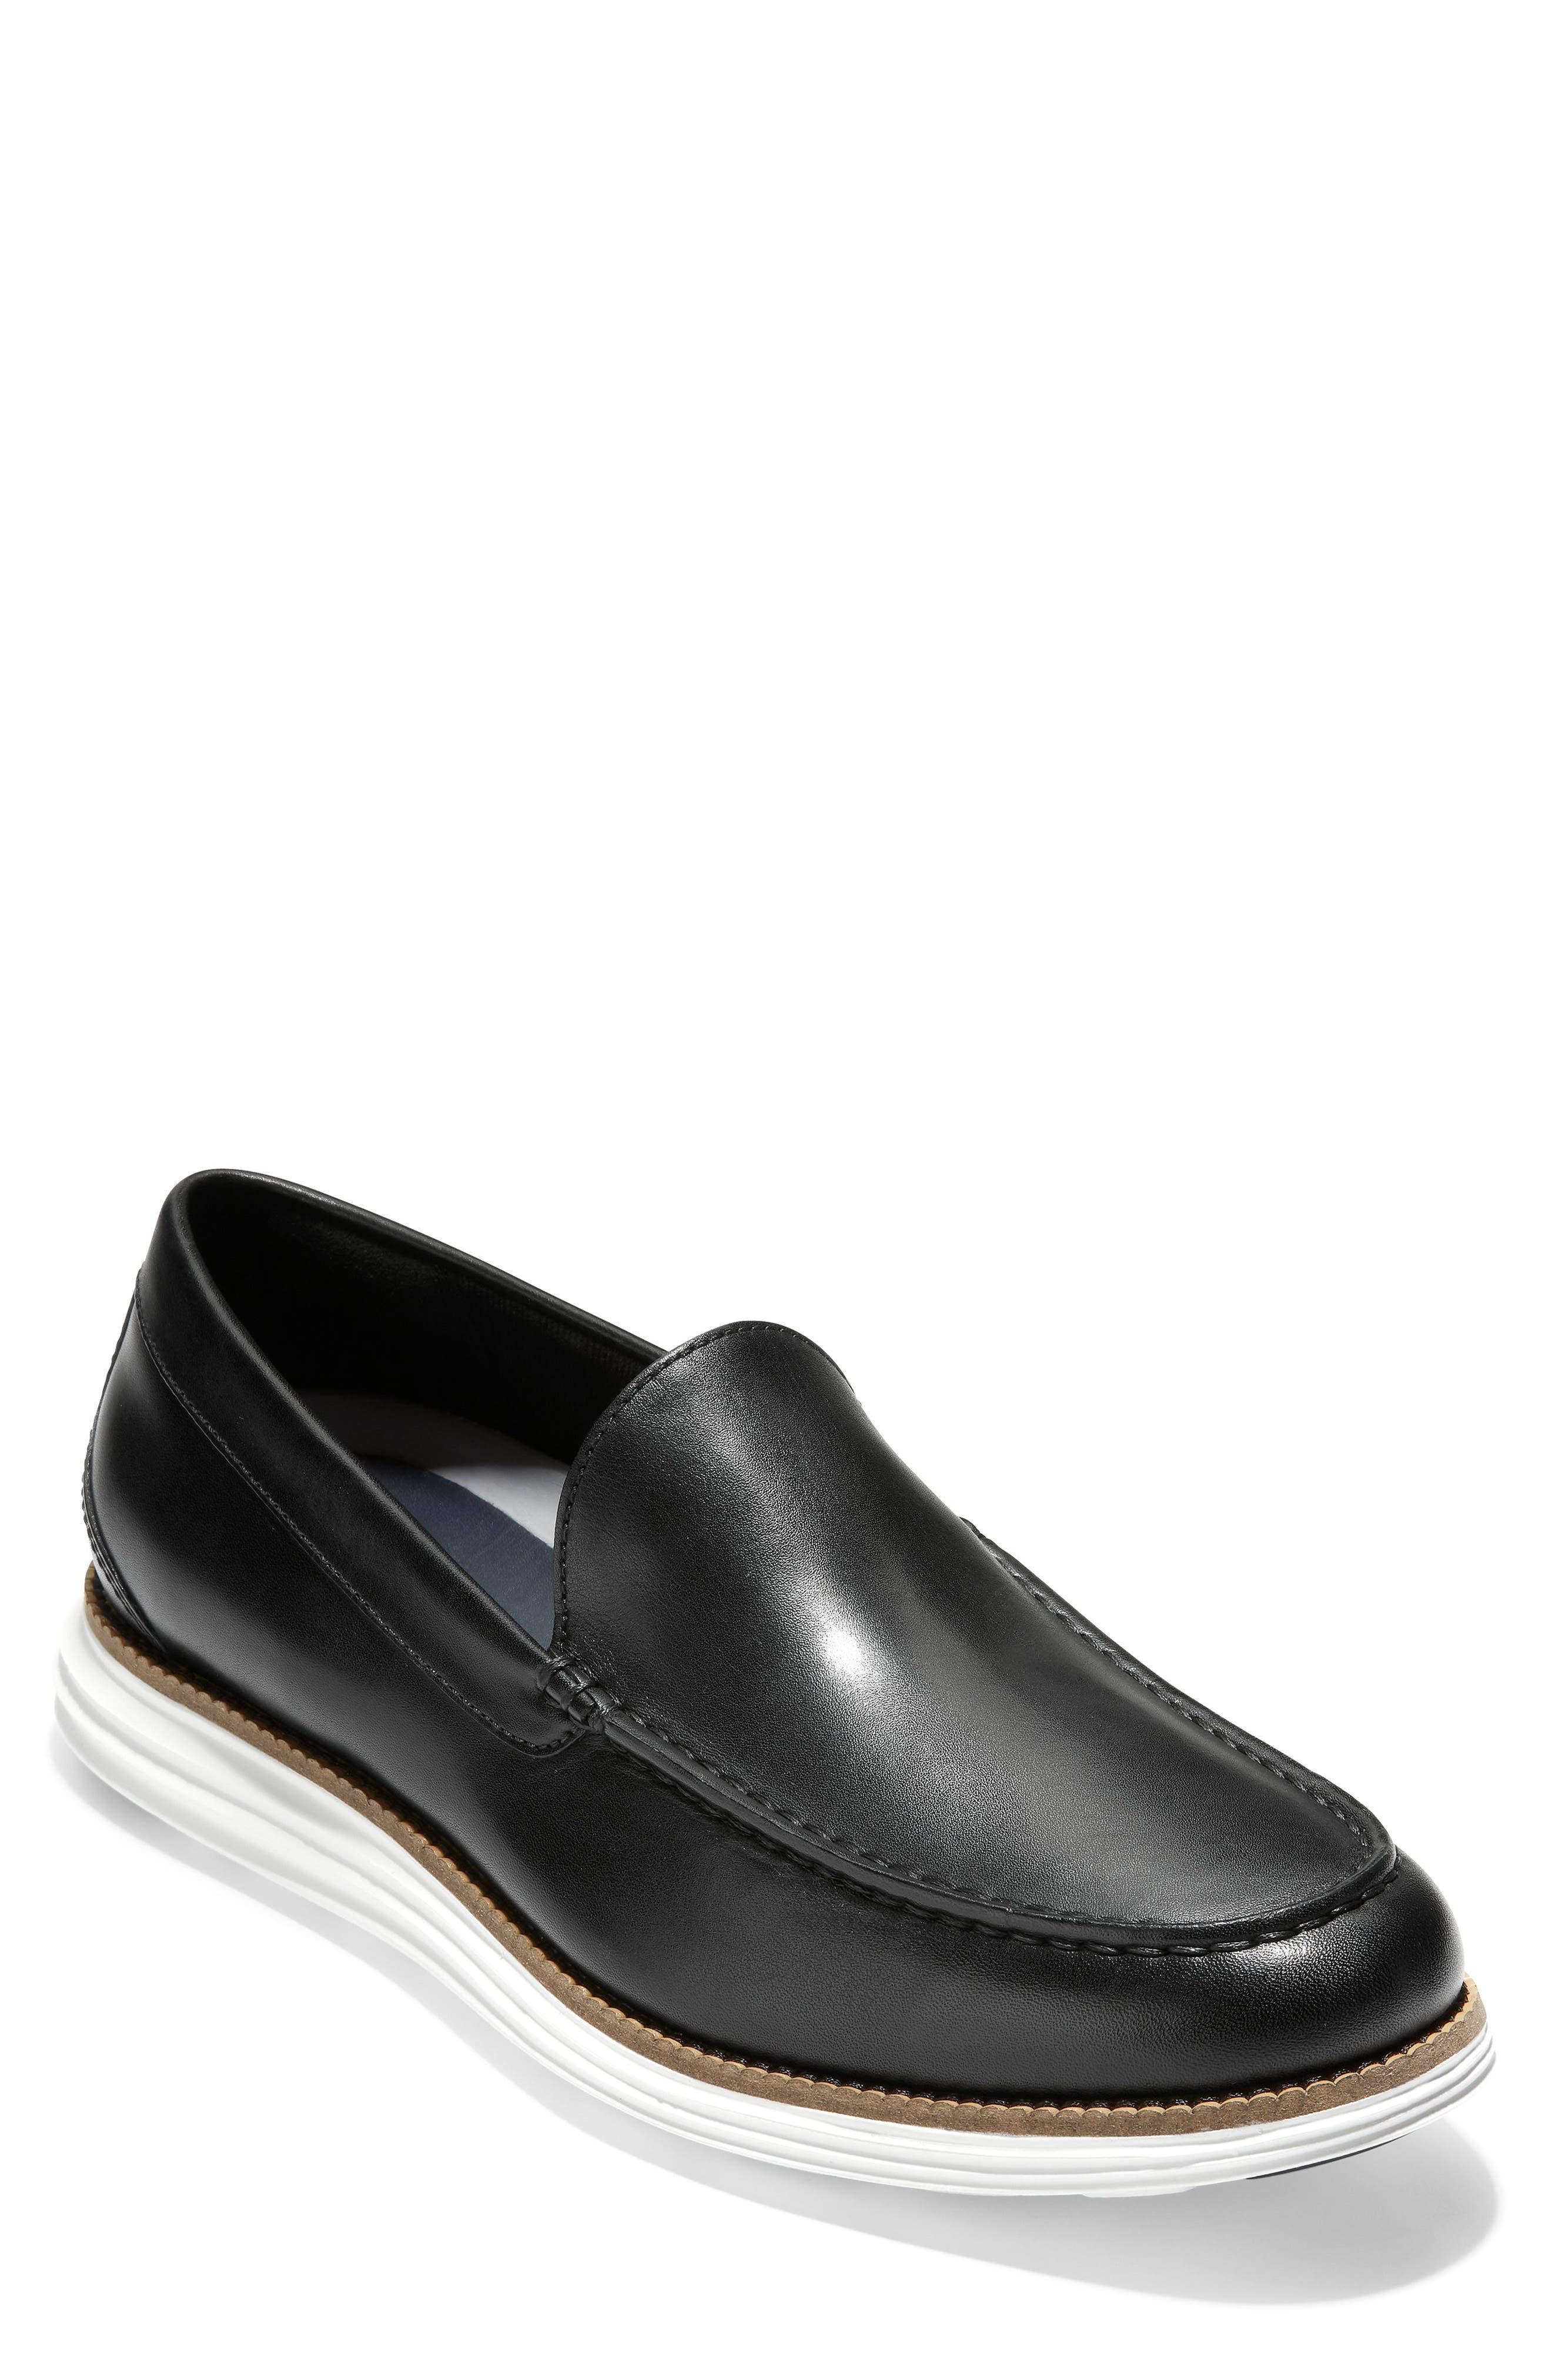 Cole Haan Original Grand Loafer- Black